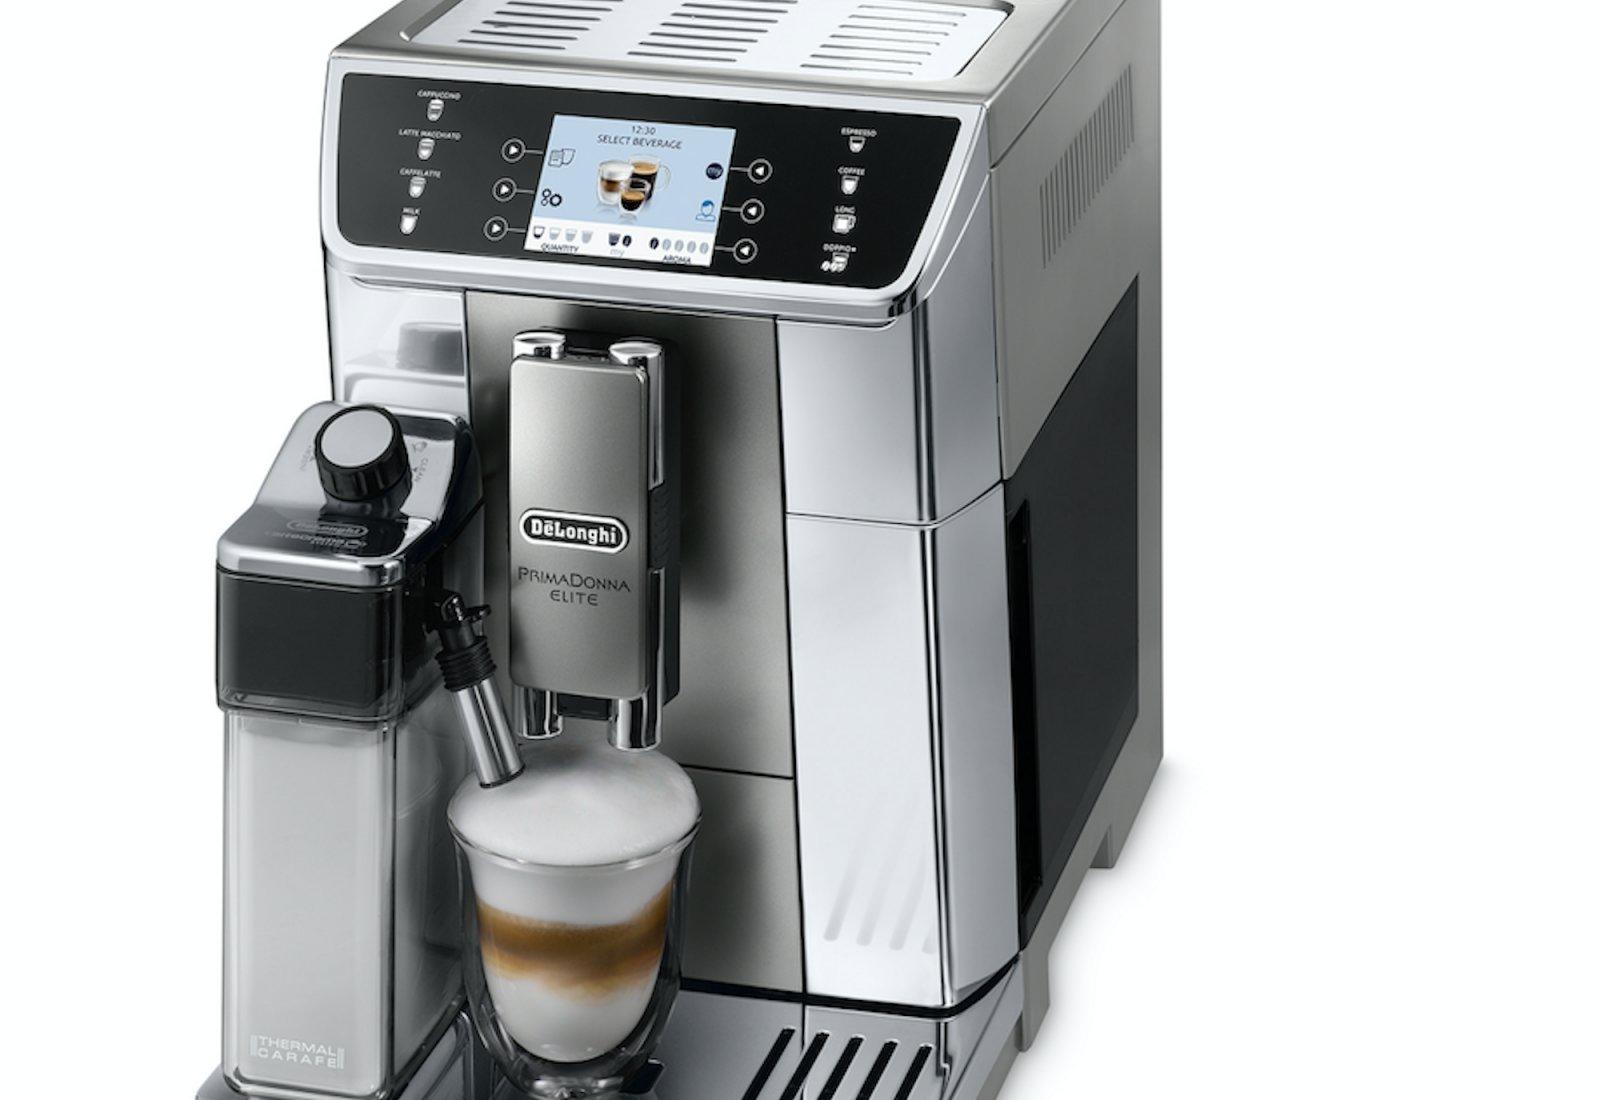 Immagine La macchina per il caffè che prepara bevande a base di... latte 1